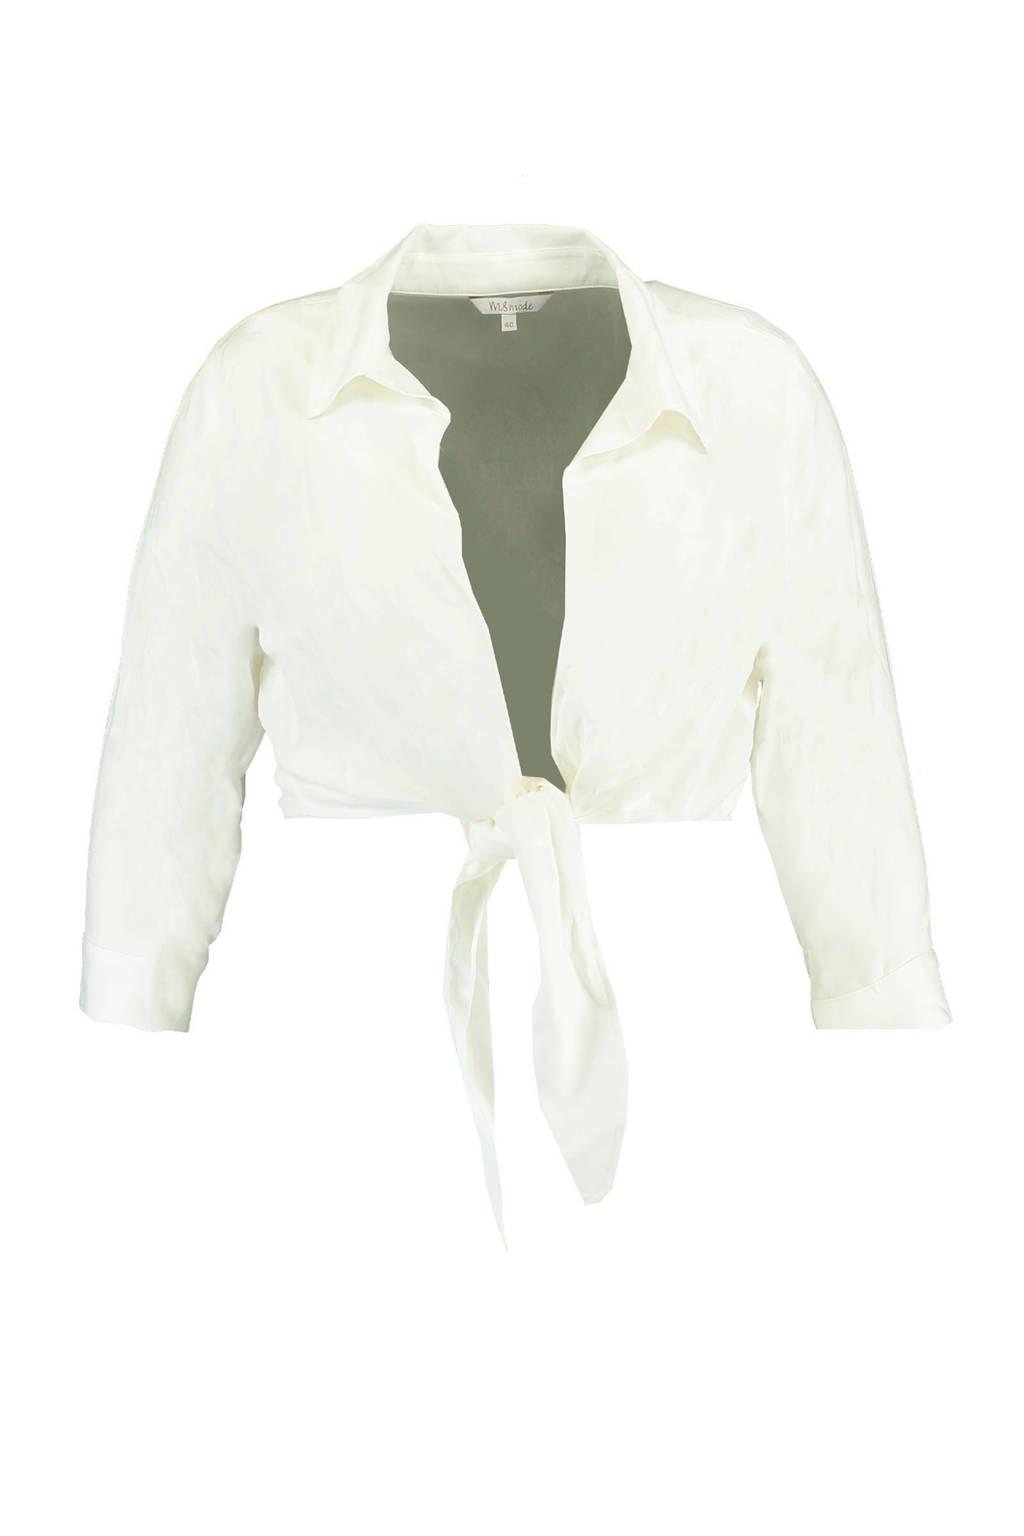 MS Mode blouse gebroken wit, Gebroken wit